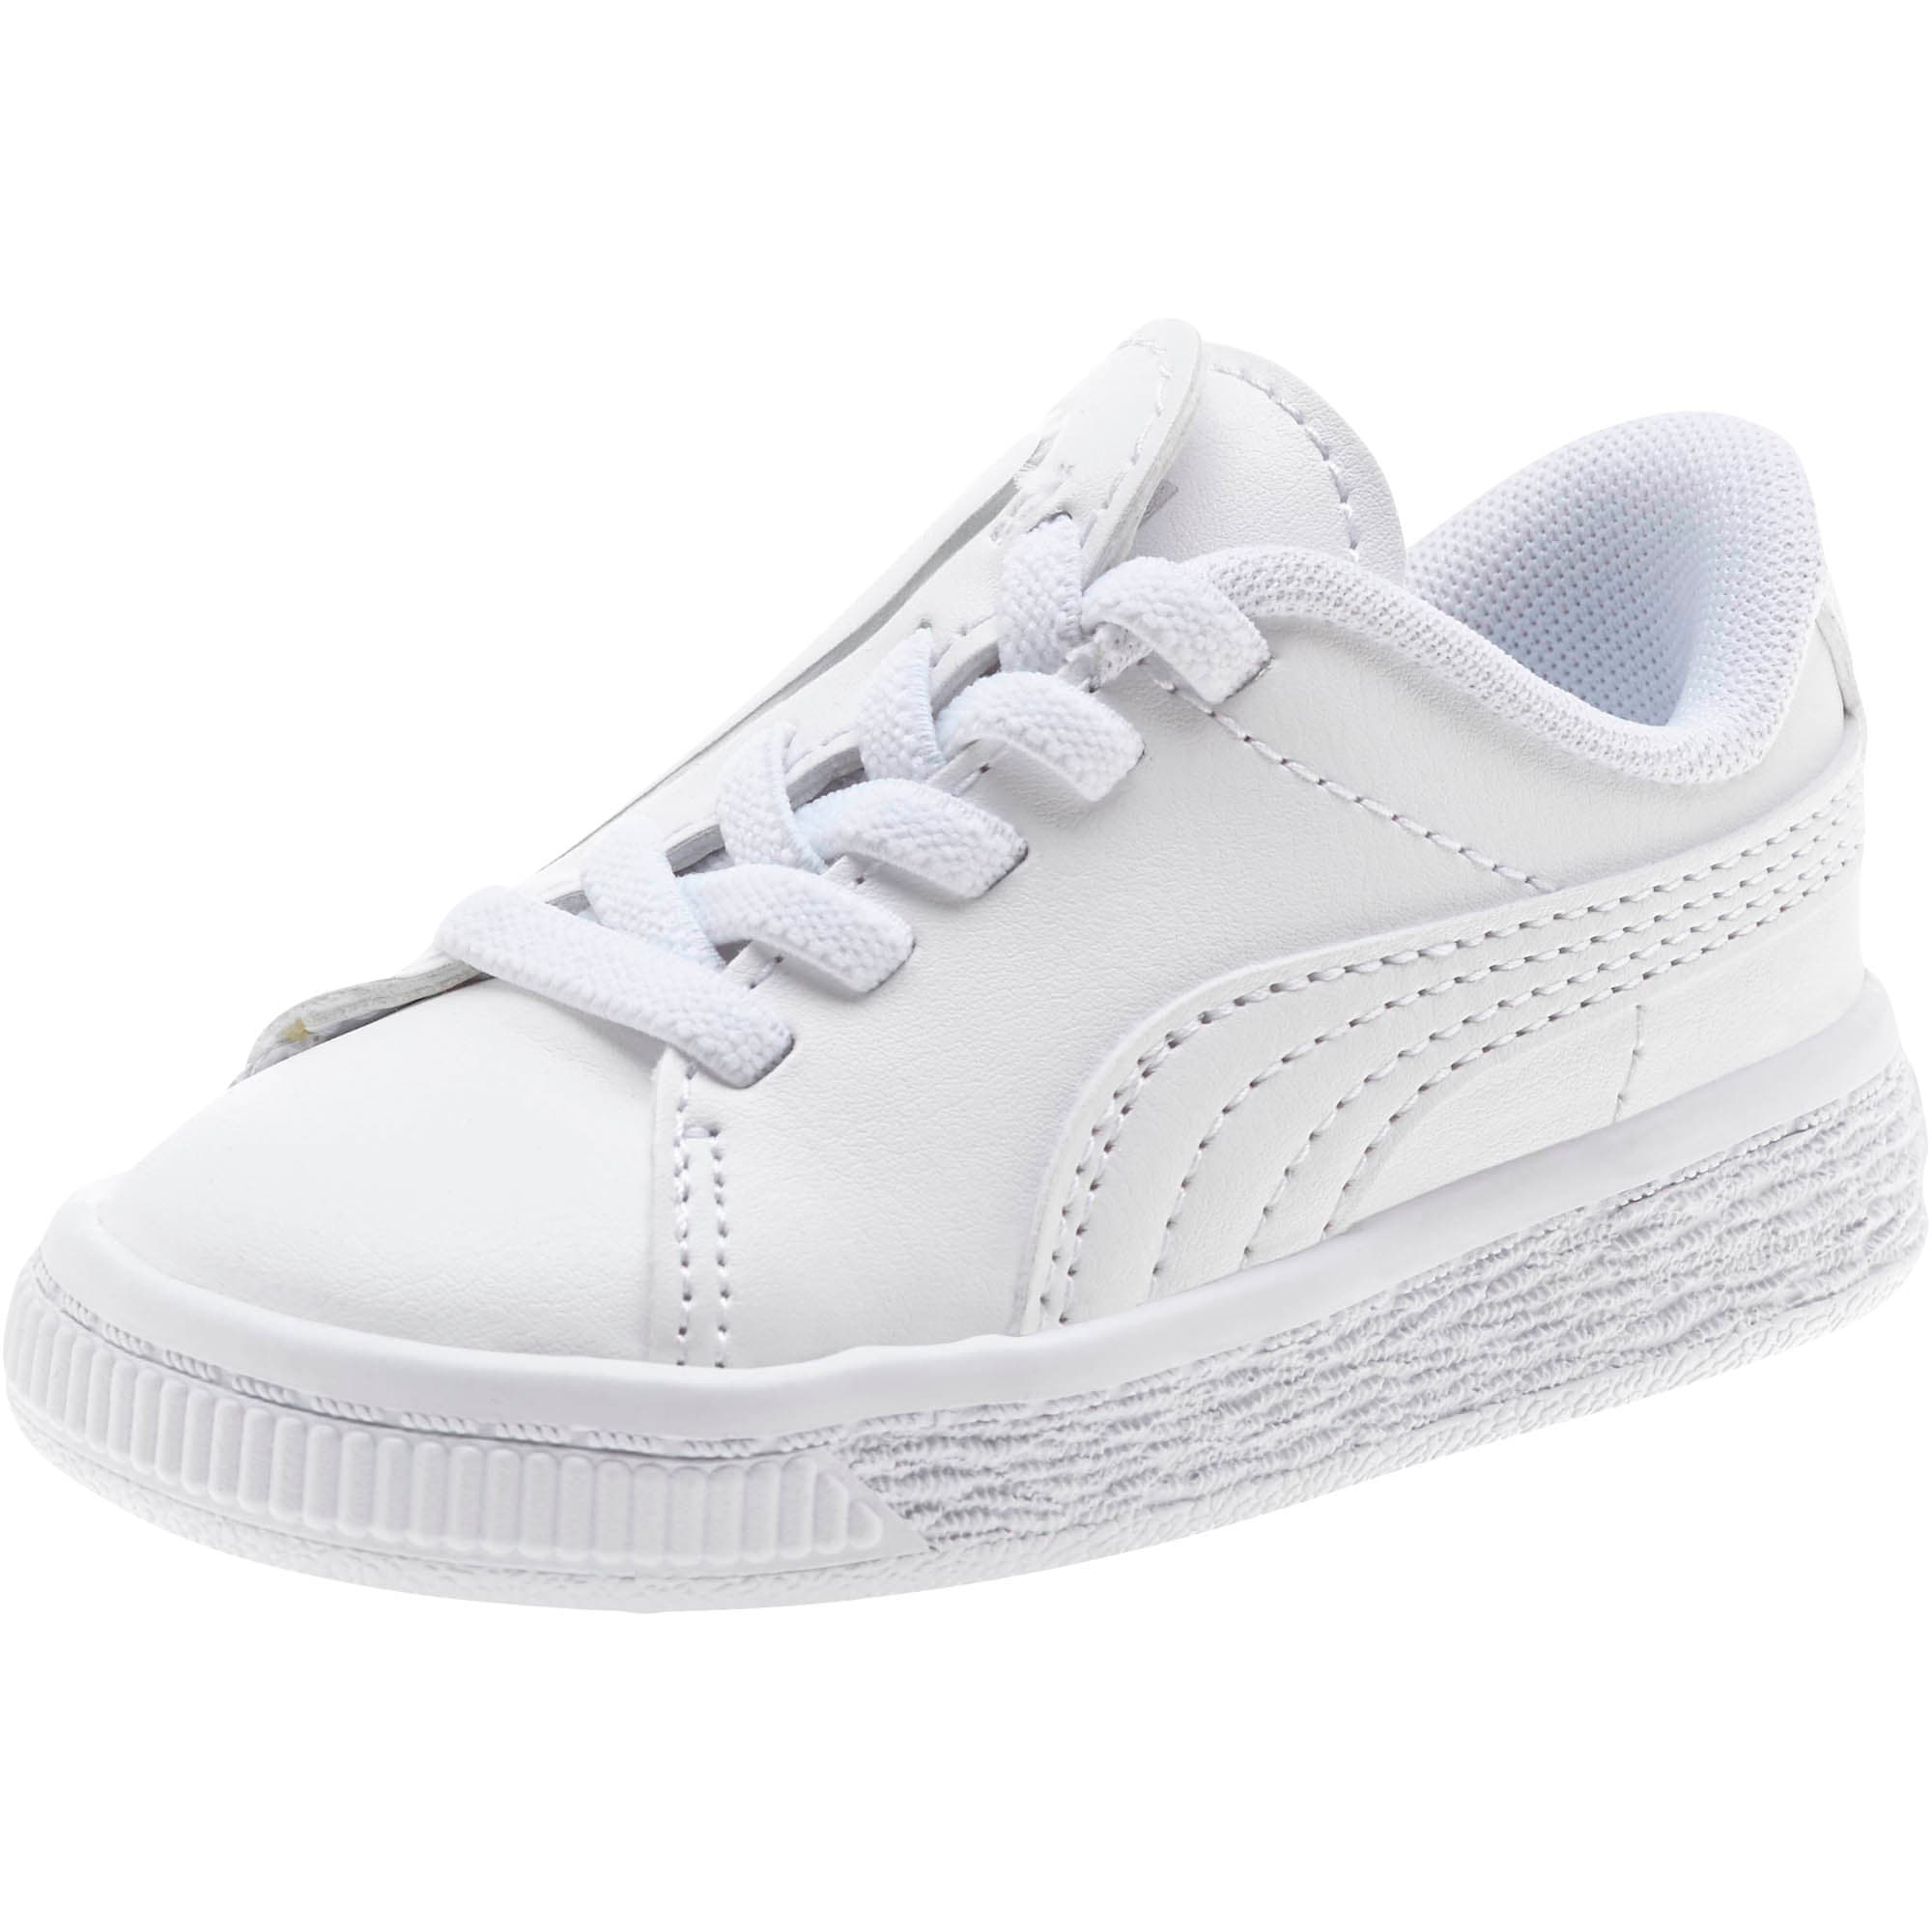 Miniatura 1 de Zapatos Basket Crush AC para bebés, Puma White-Puma Silver, mediano